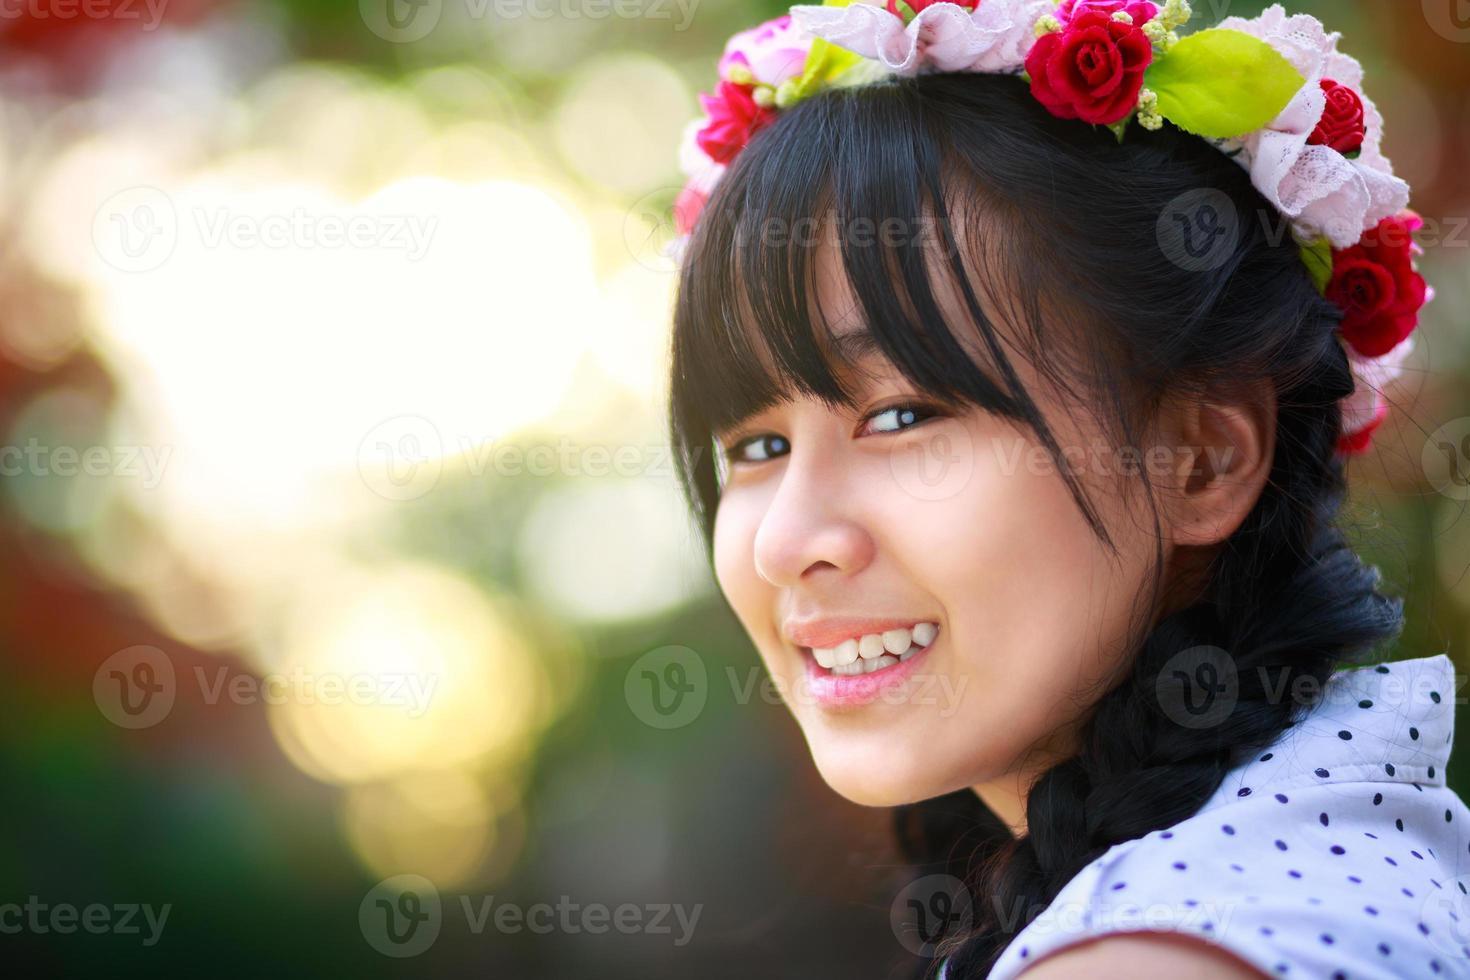 belle adolescente souriante photo